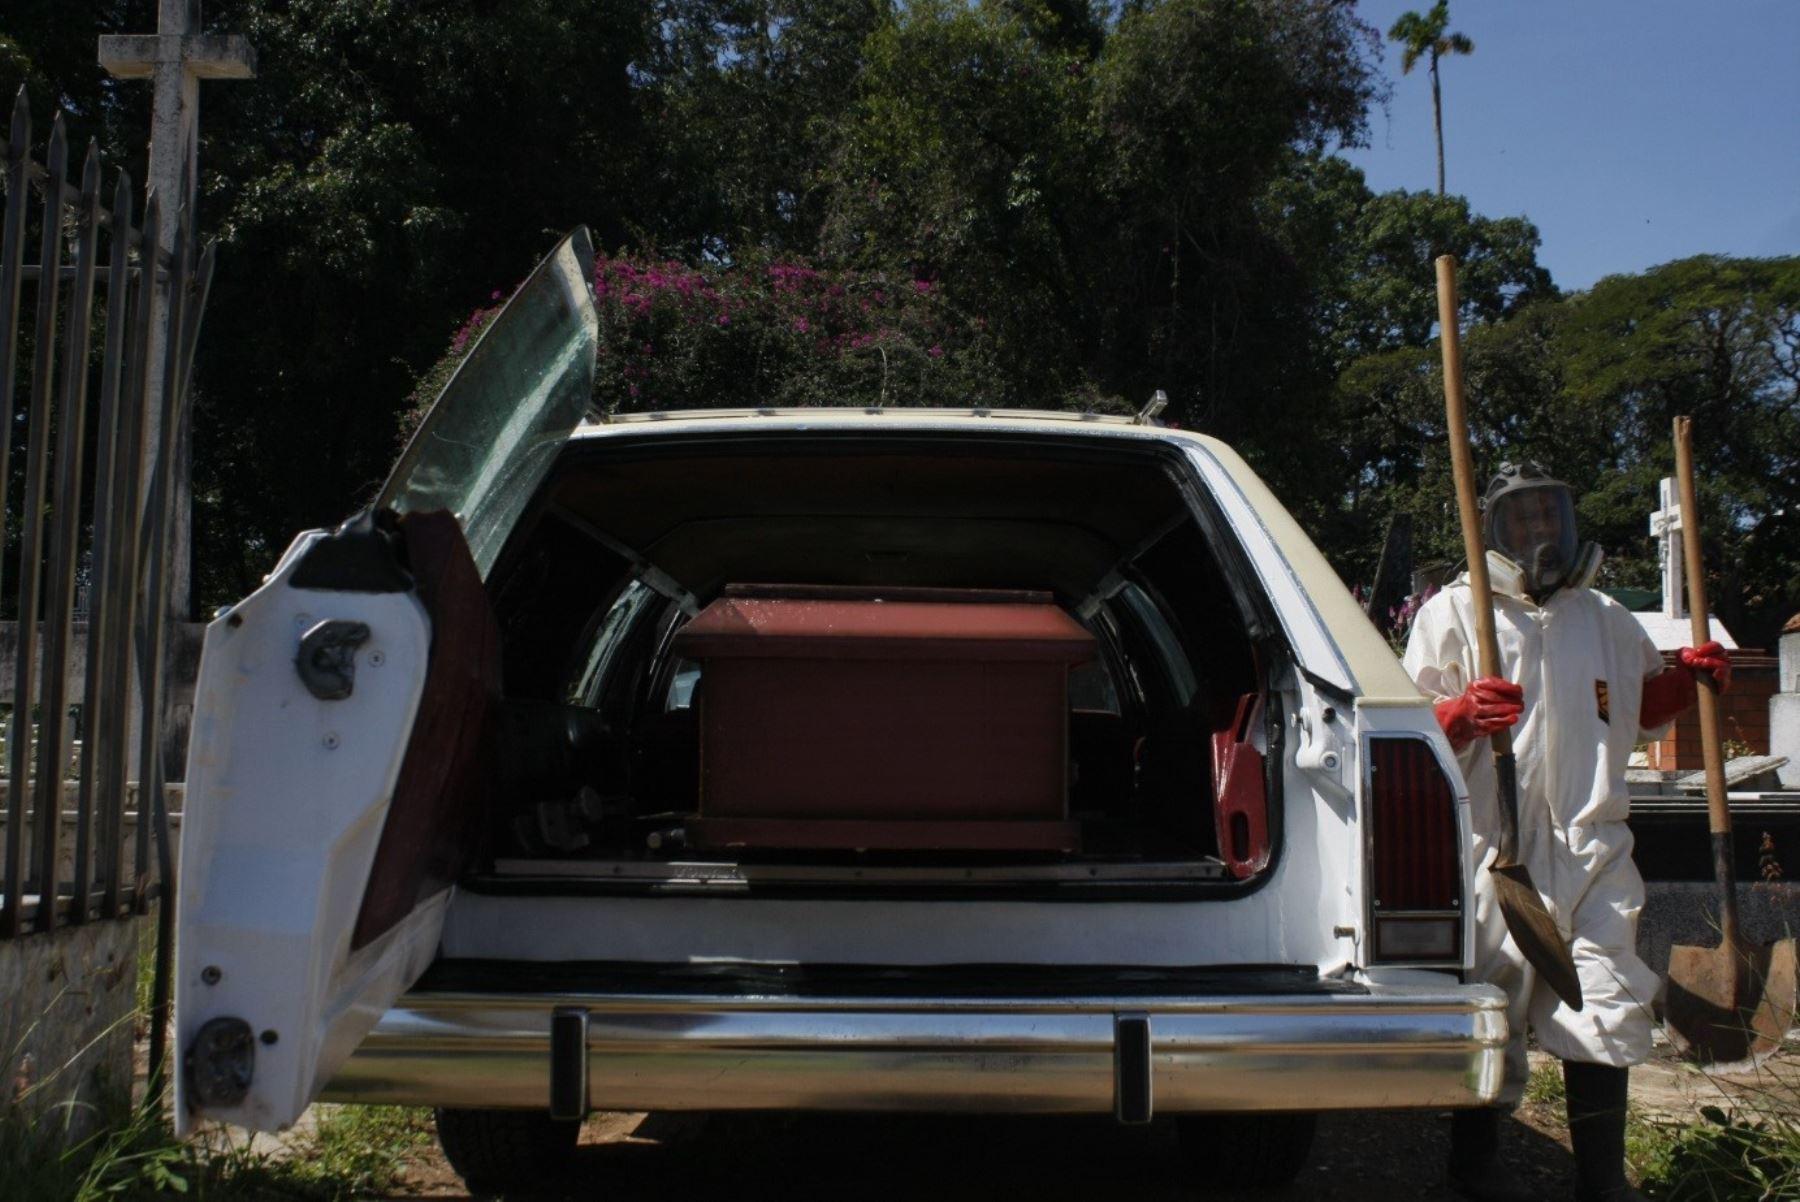 Trabajadores gubernamentales se disponen a bajar un ataúd con una víctima de covid-19 de un vehículo para proceder a enterrarlo en San Cristóbal, Venezuela. Foto: EFE